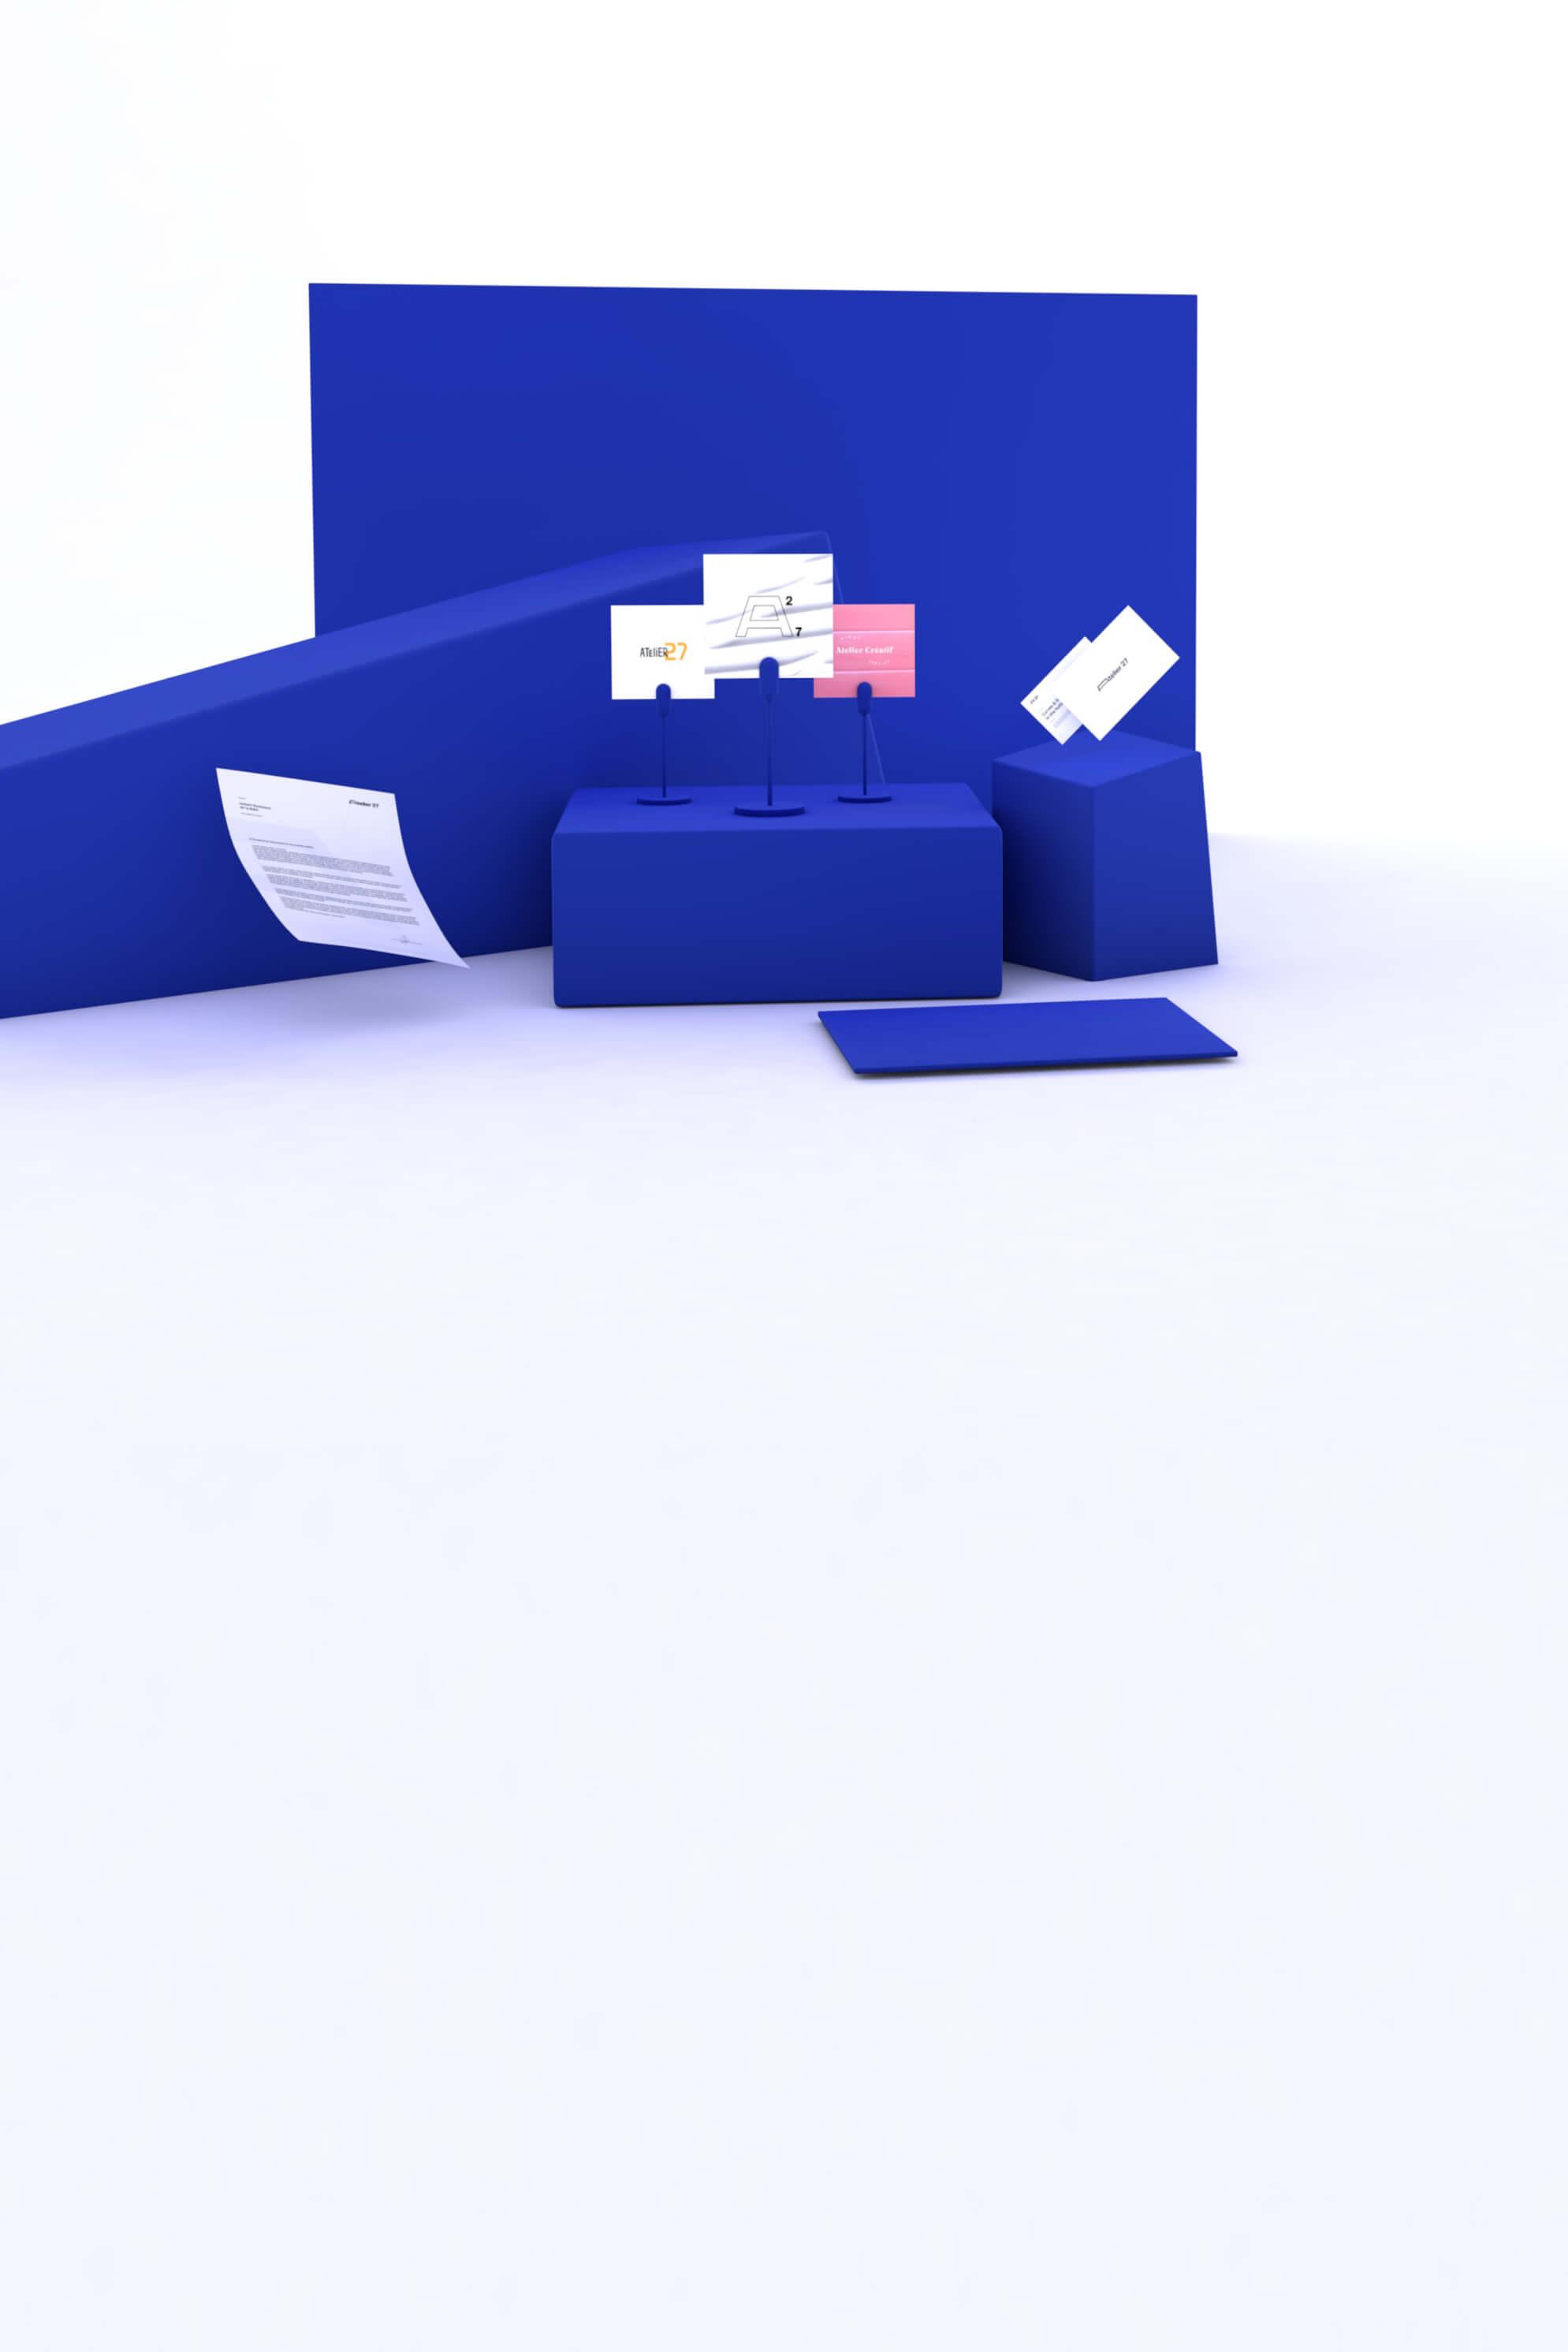 Création logo à Bordeaux. Pack comprenant 3 propositions de logo, création et impression cartes de visite